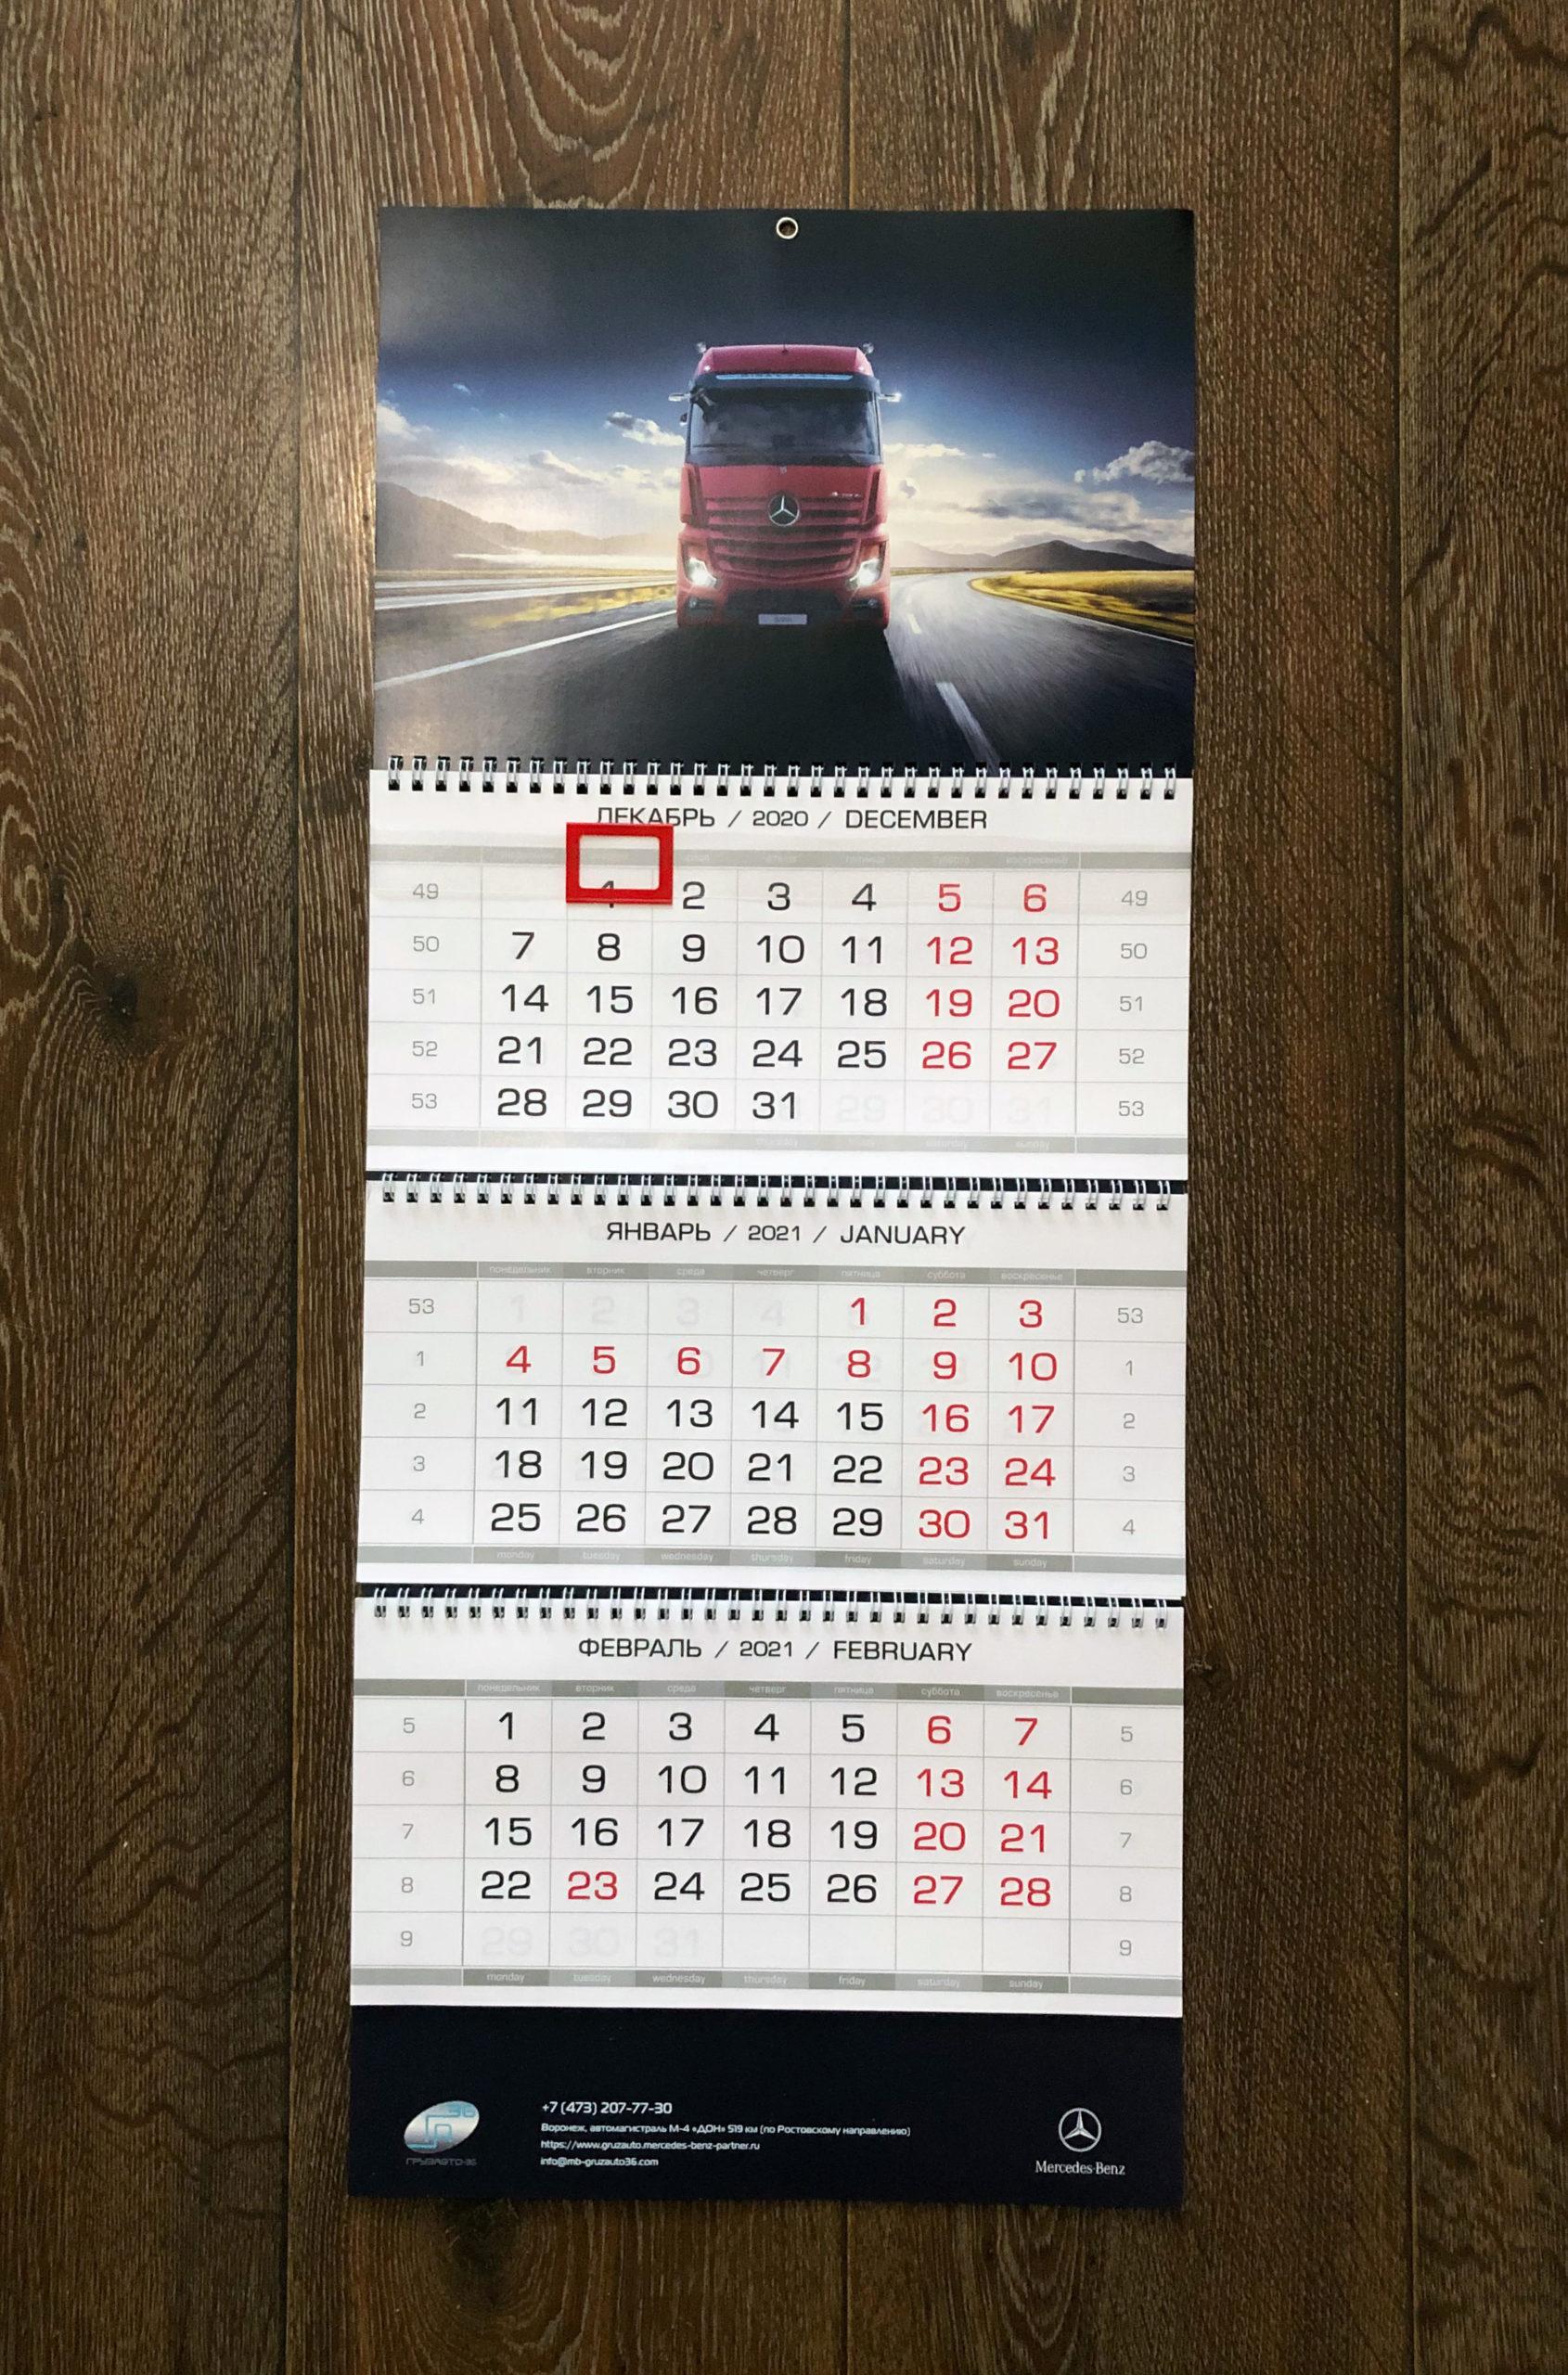 квартальный-календарь-грузавто-36-мерседес-бенц-Воронеж